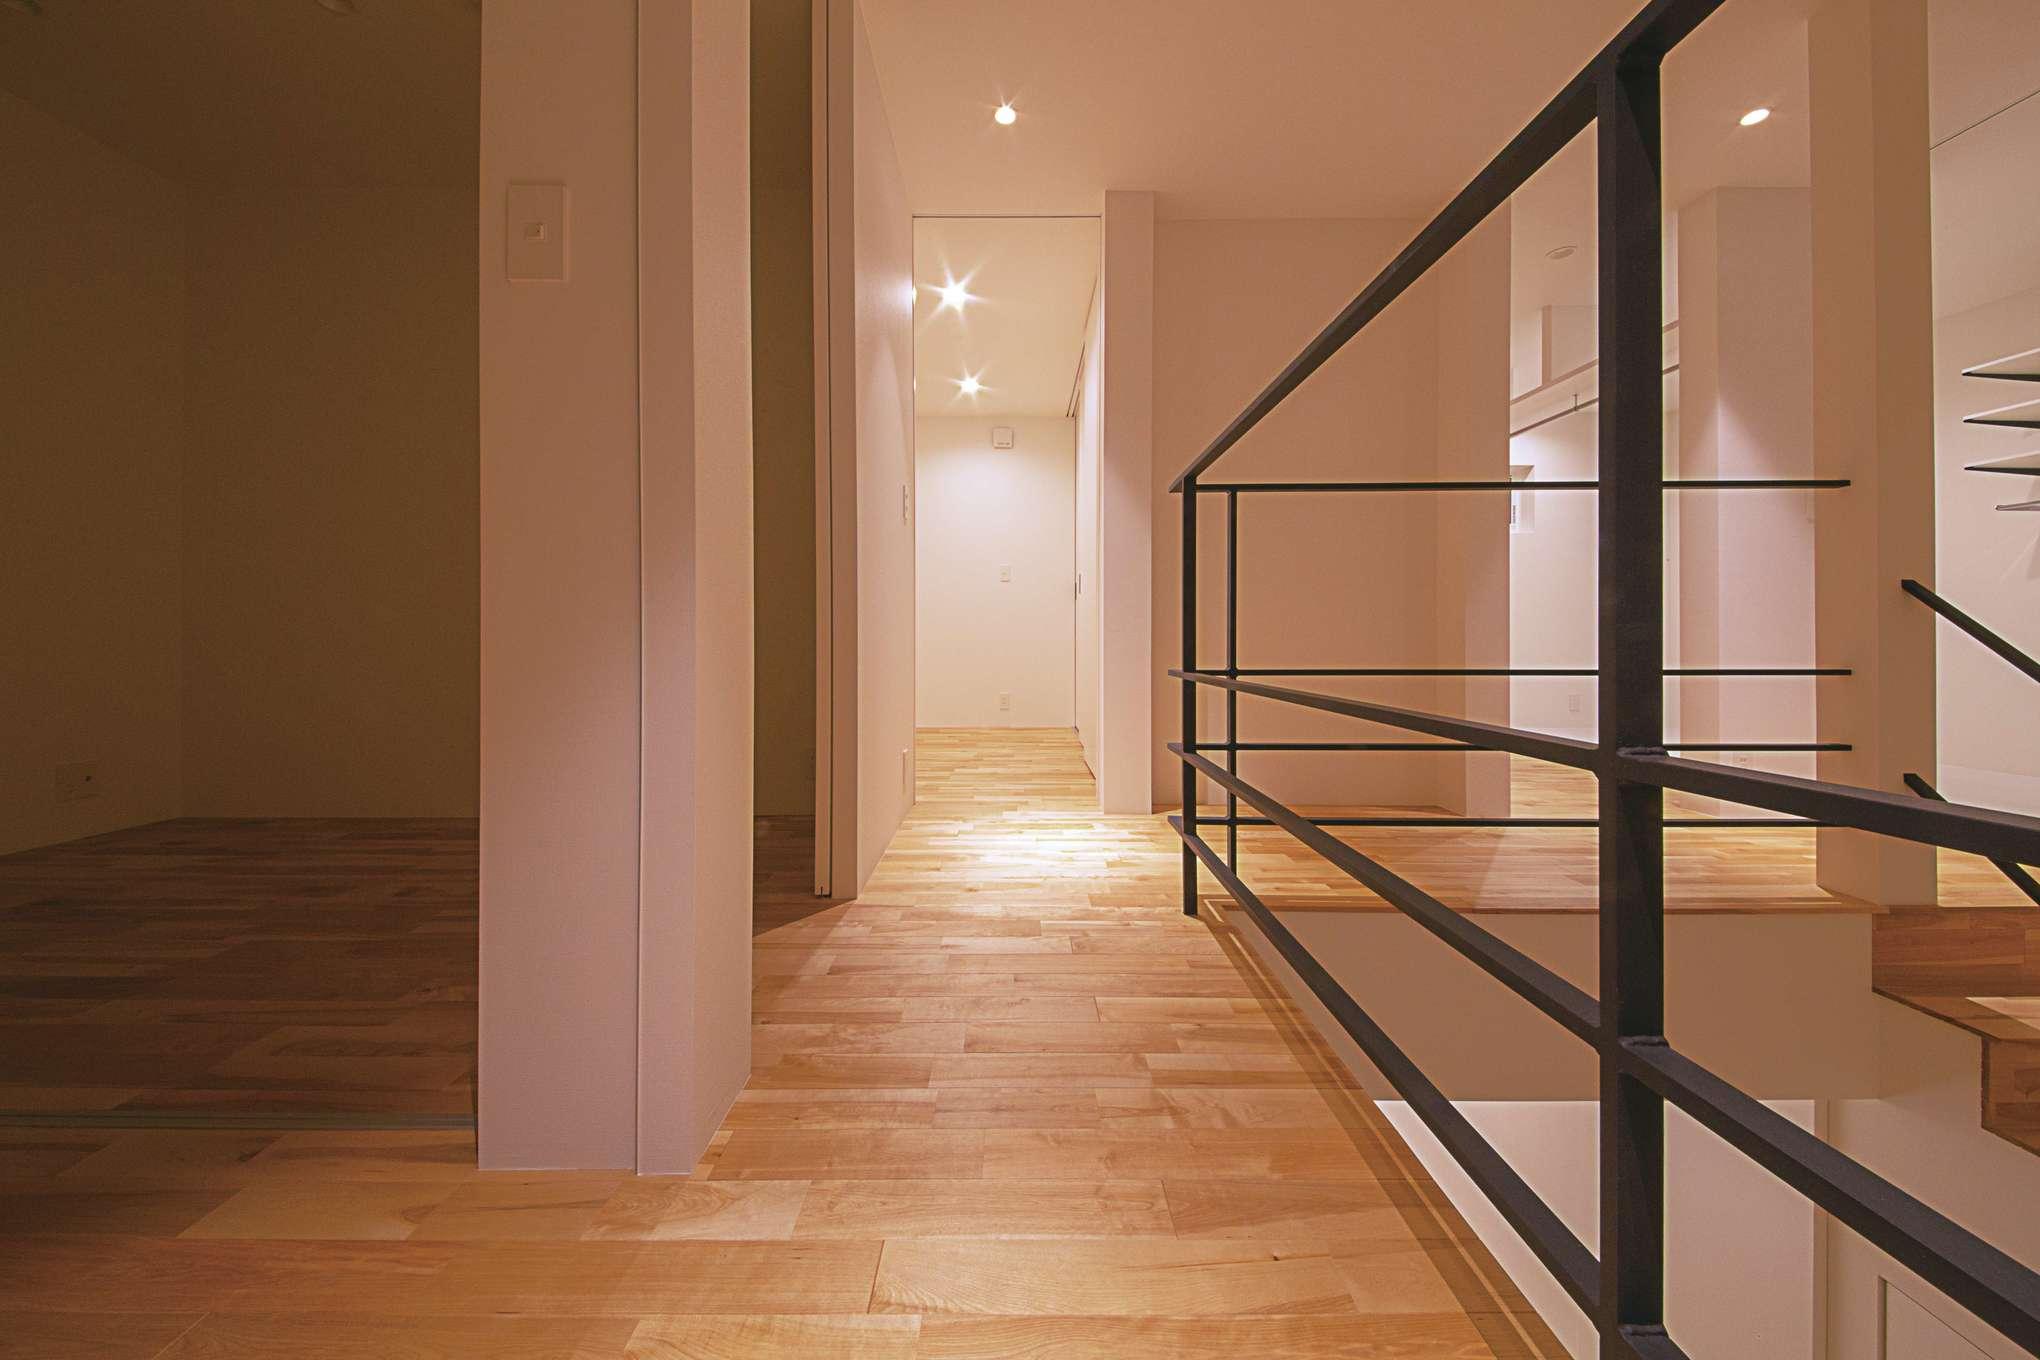 2階の各室を繋ぐ廊下。アイアンの手すりと吹抜けが開放感をもたらしている。階段を上がった正面がファミリークローゼット。隣は寝室